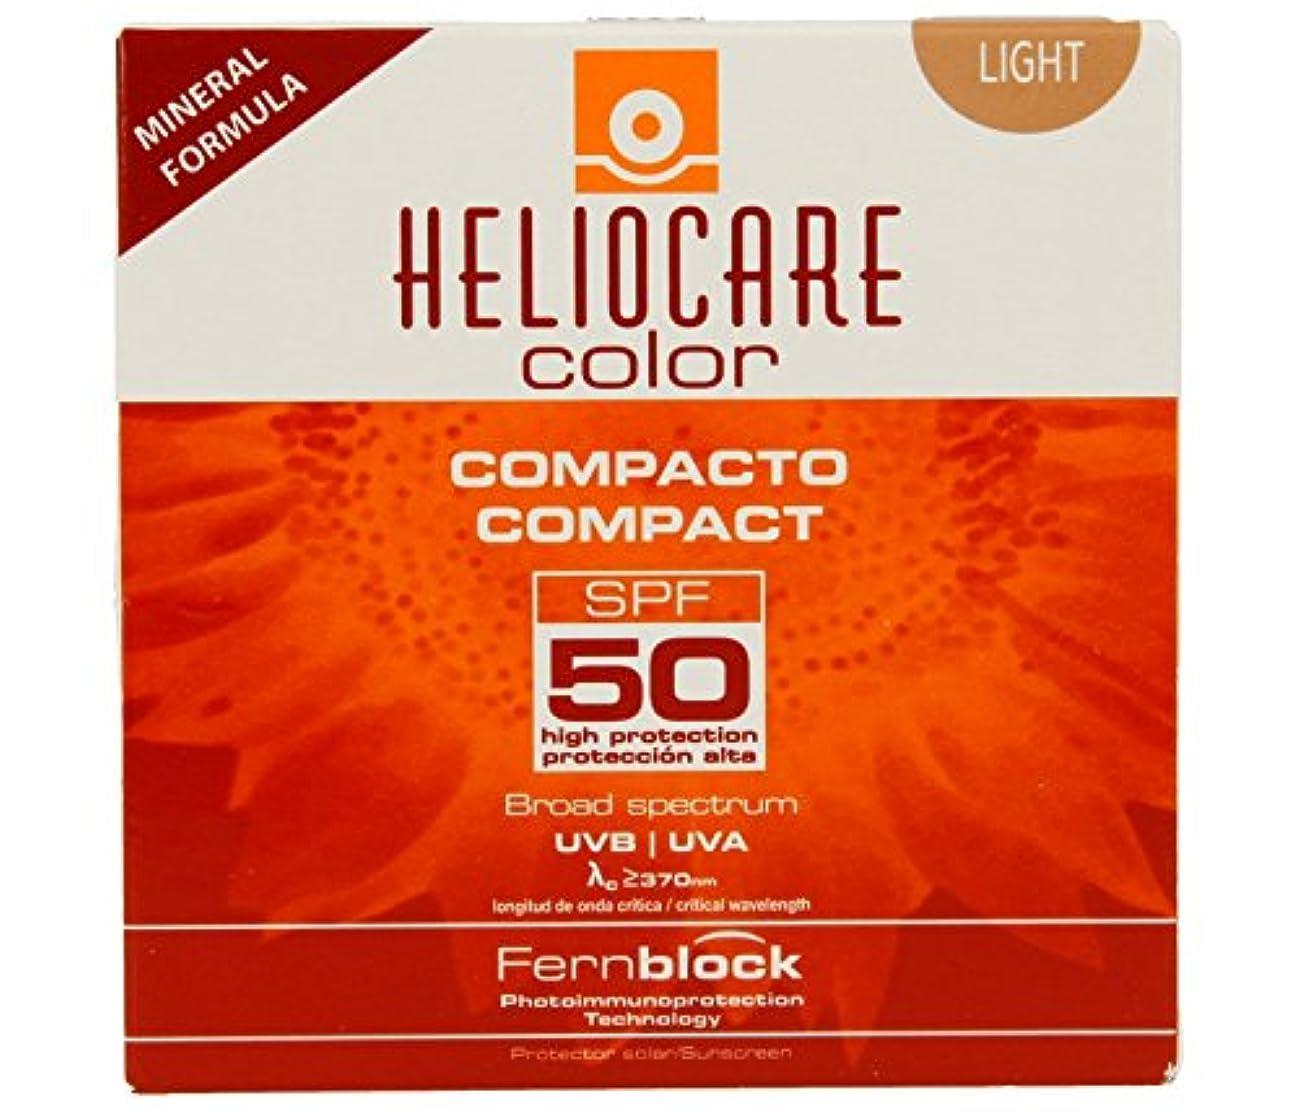 呼び出すニコチントンHeliocare 50コンパクトパウダーカラーライト10グラム